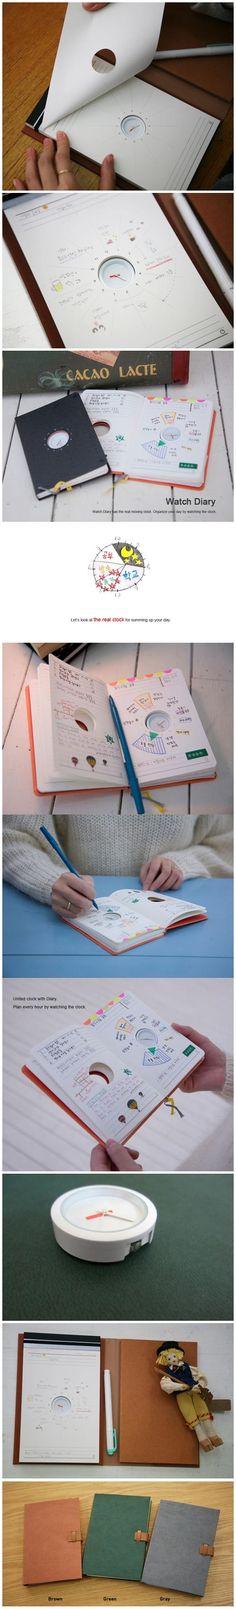 由韩国设计师Wonjune Song 设计的时钟笔记本(Watch Diary ),以钟表为中心、以小时 为单位,设计师将钟表记事薄划分成了12个区域,允许你在相应的时间区域内有条有理的规划好 的行程或写好备忘录。而钟表内的小时指针也换上了醒目的红色,它与旁边的备忘区域一一对应, 在恰当的时间内清晰明了的向你指明当下应该处理的待办事项,不落下任何一件重要事务。